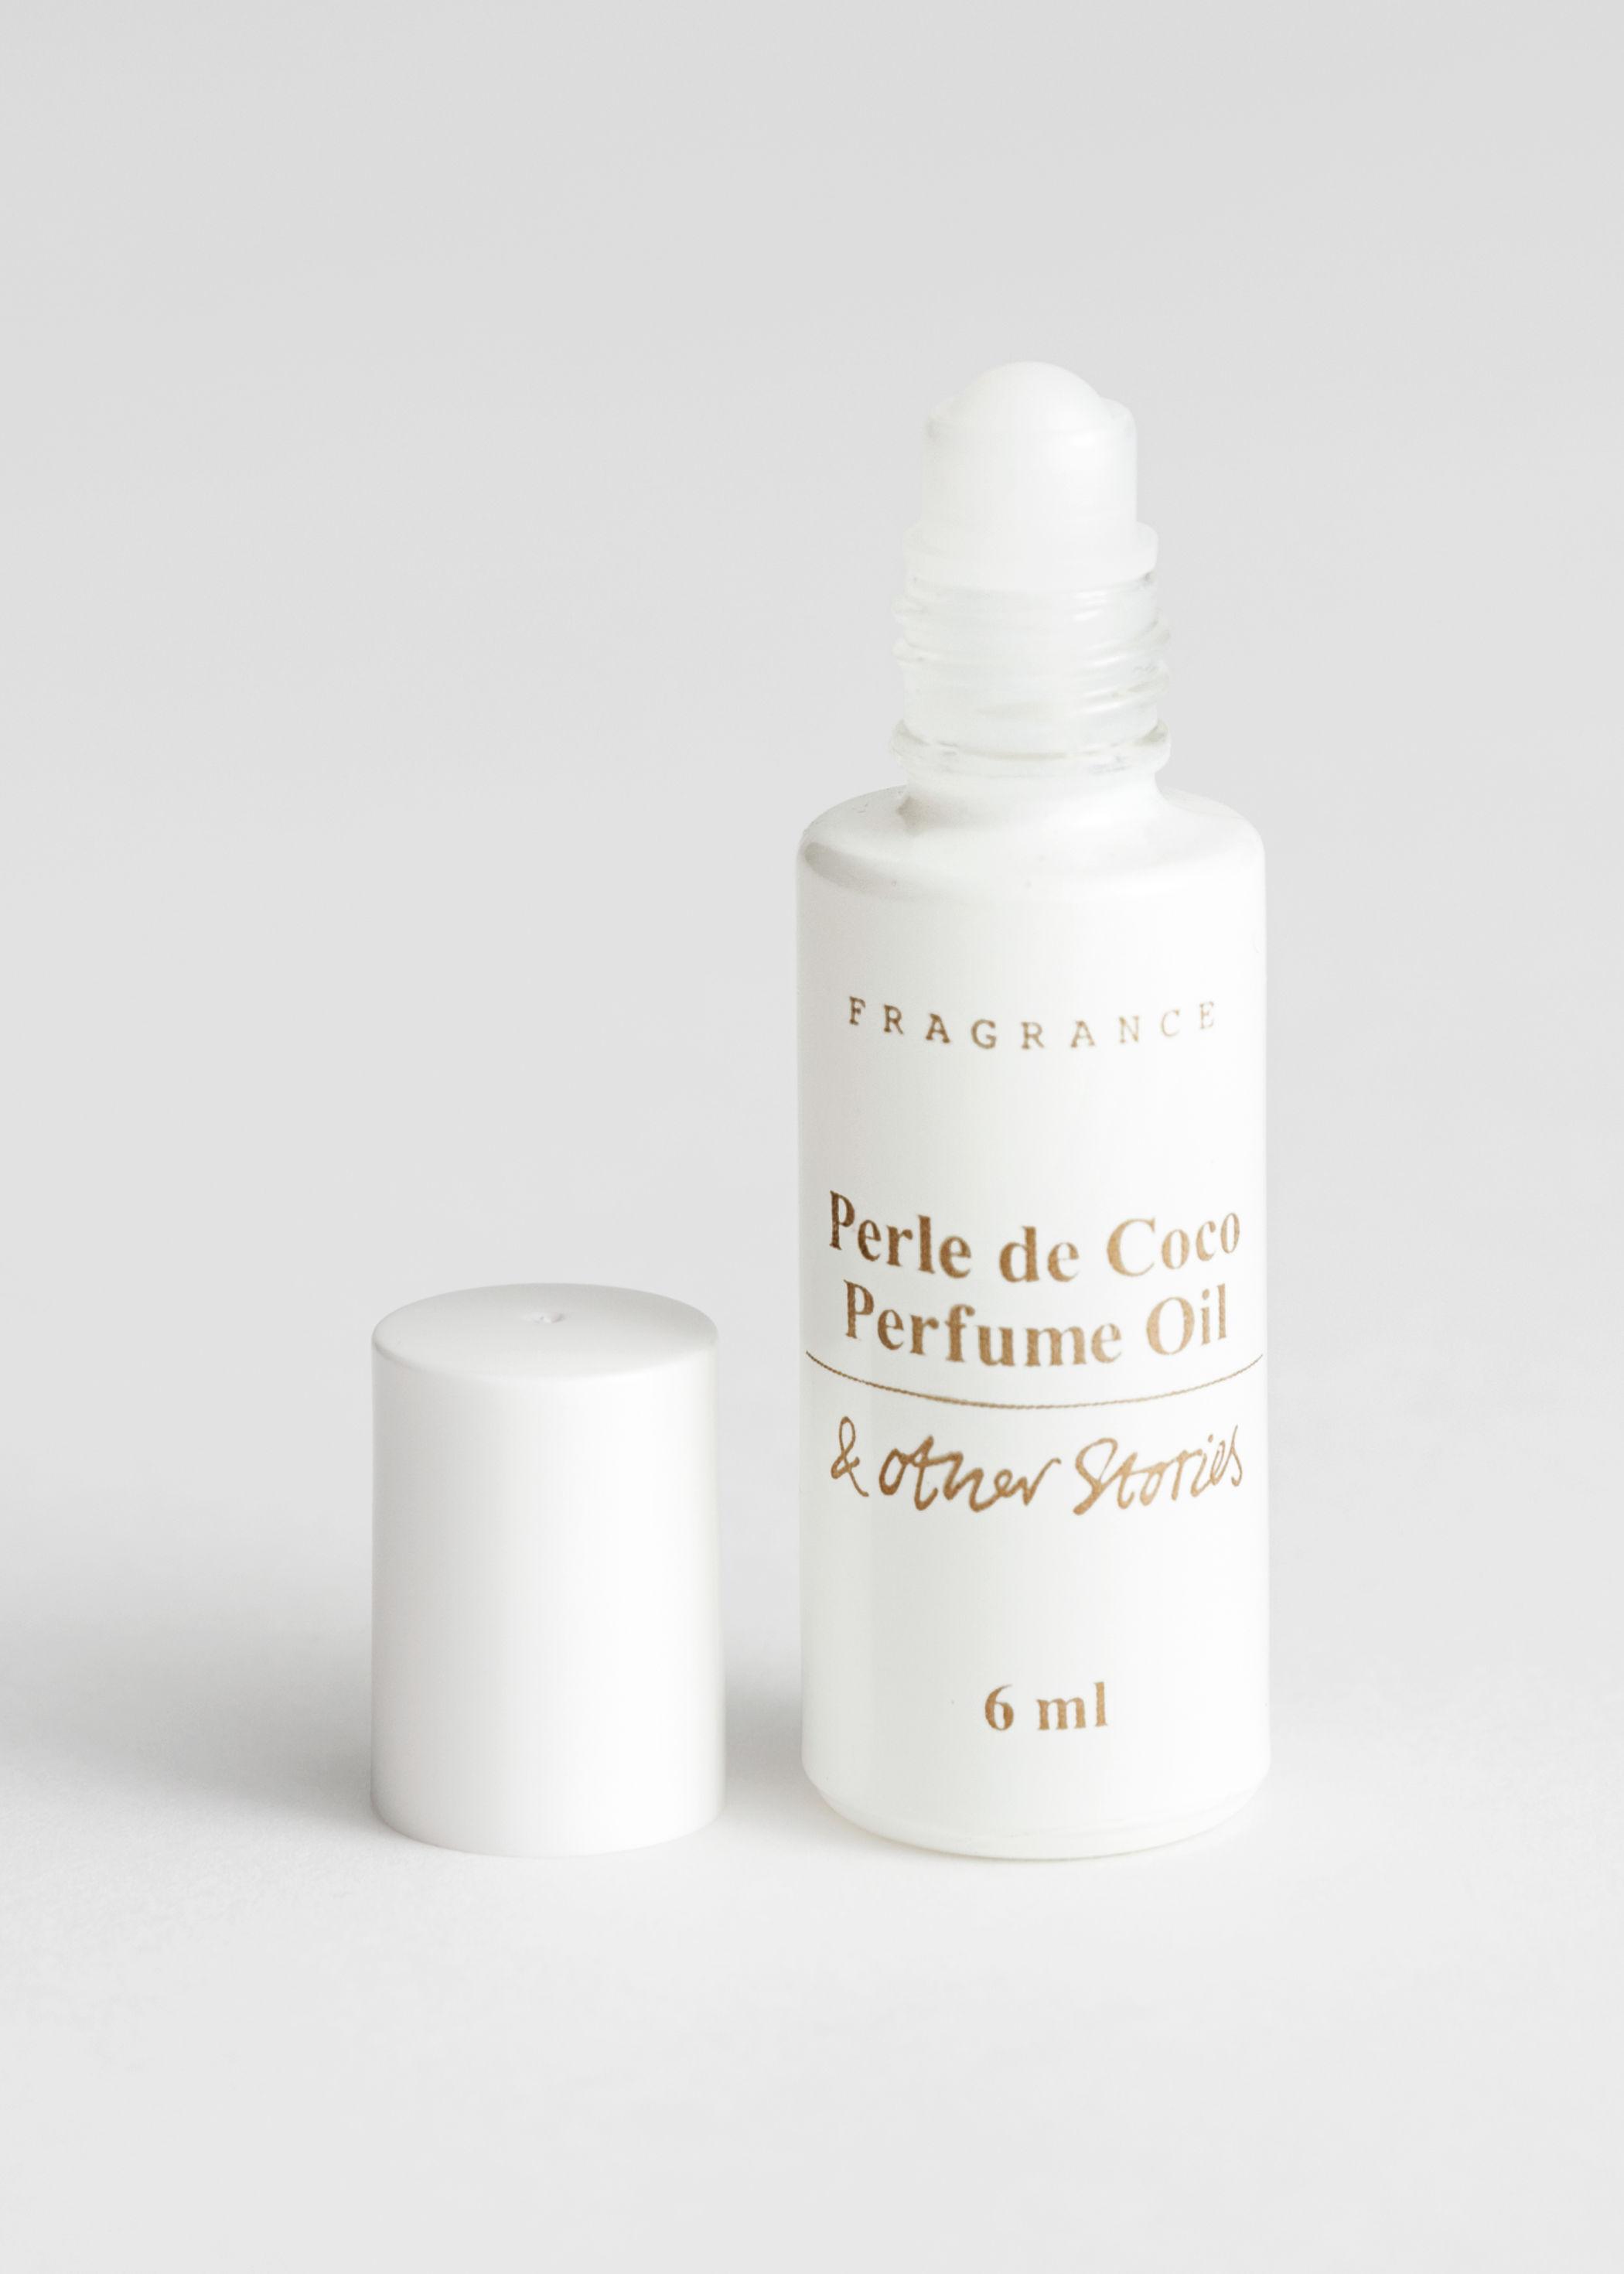 앤 아더 스토리즈 '펄 드 코코' 롤 온 퍼퓸 (6 ml) & OTHER STORIES Perle de Coco Roll on Perfume